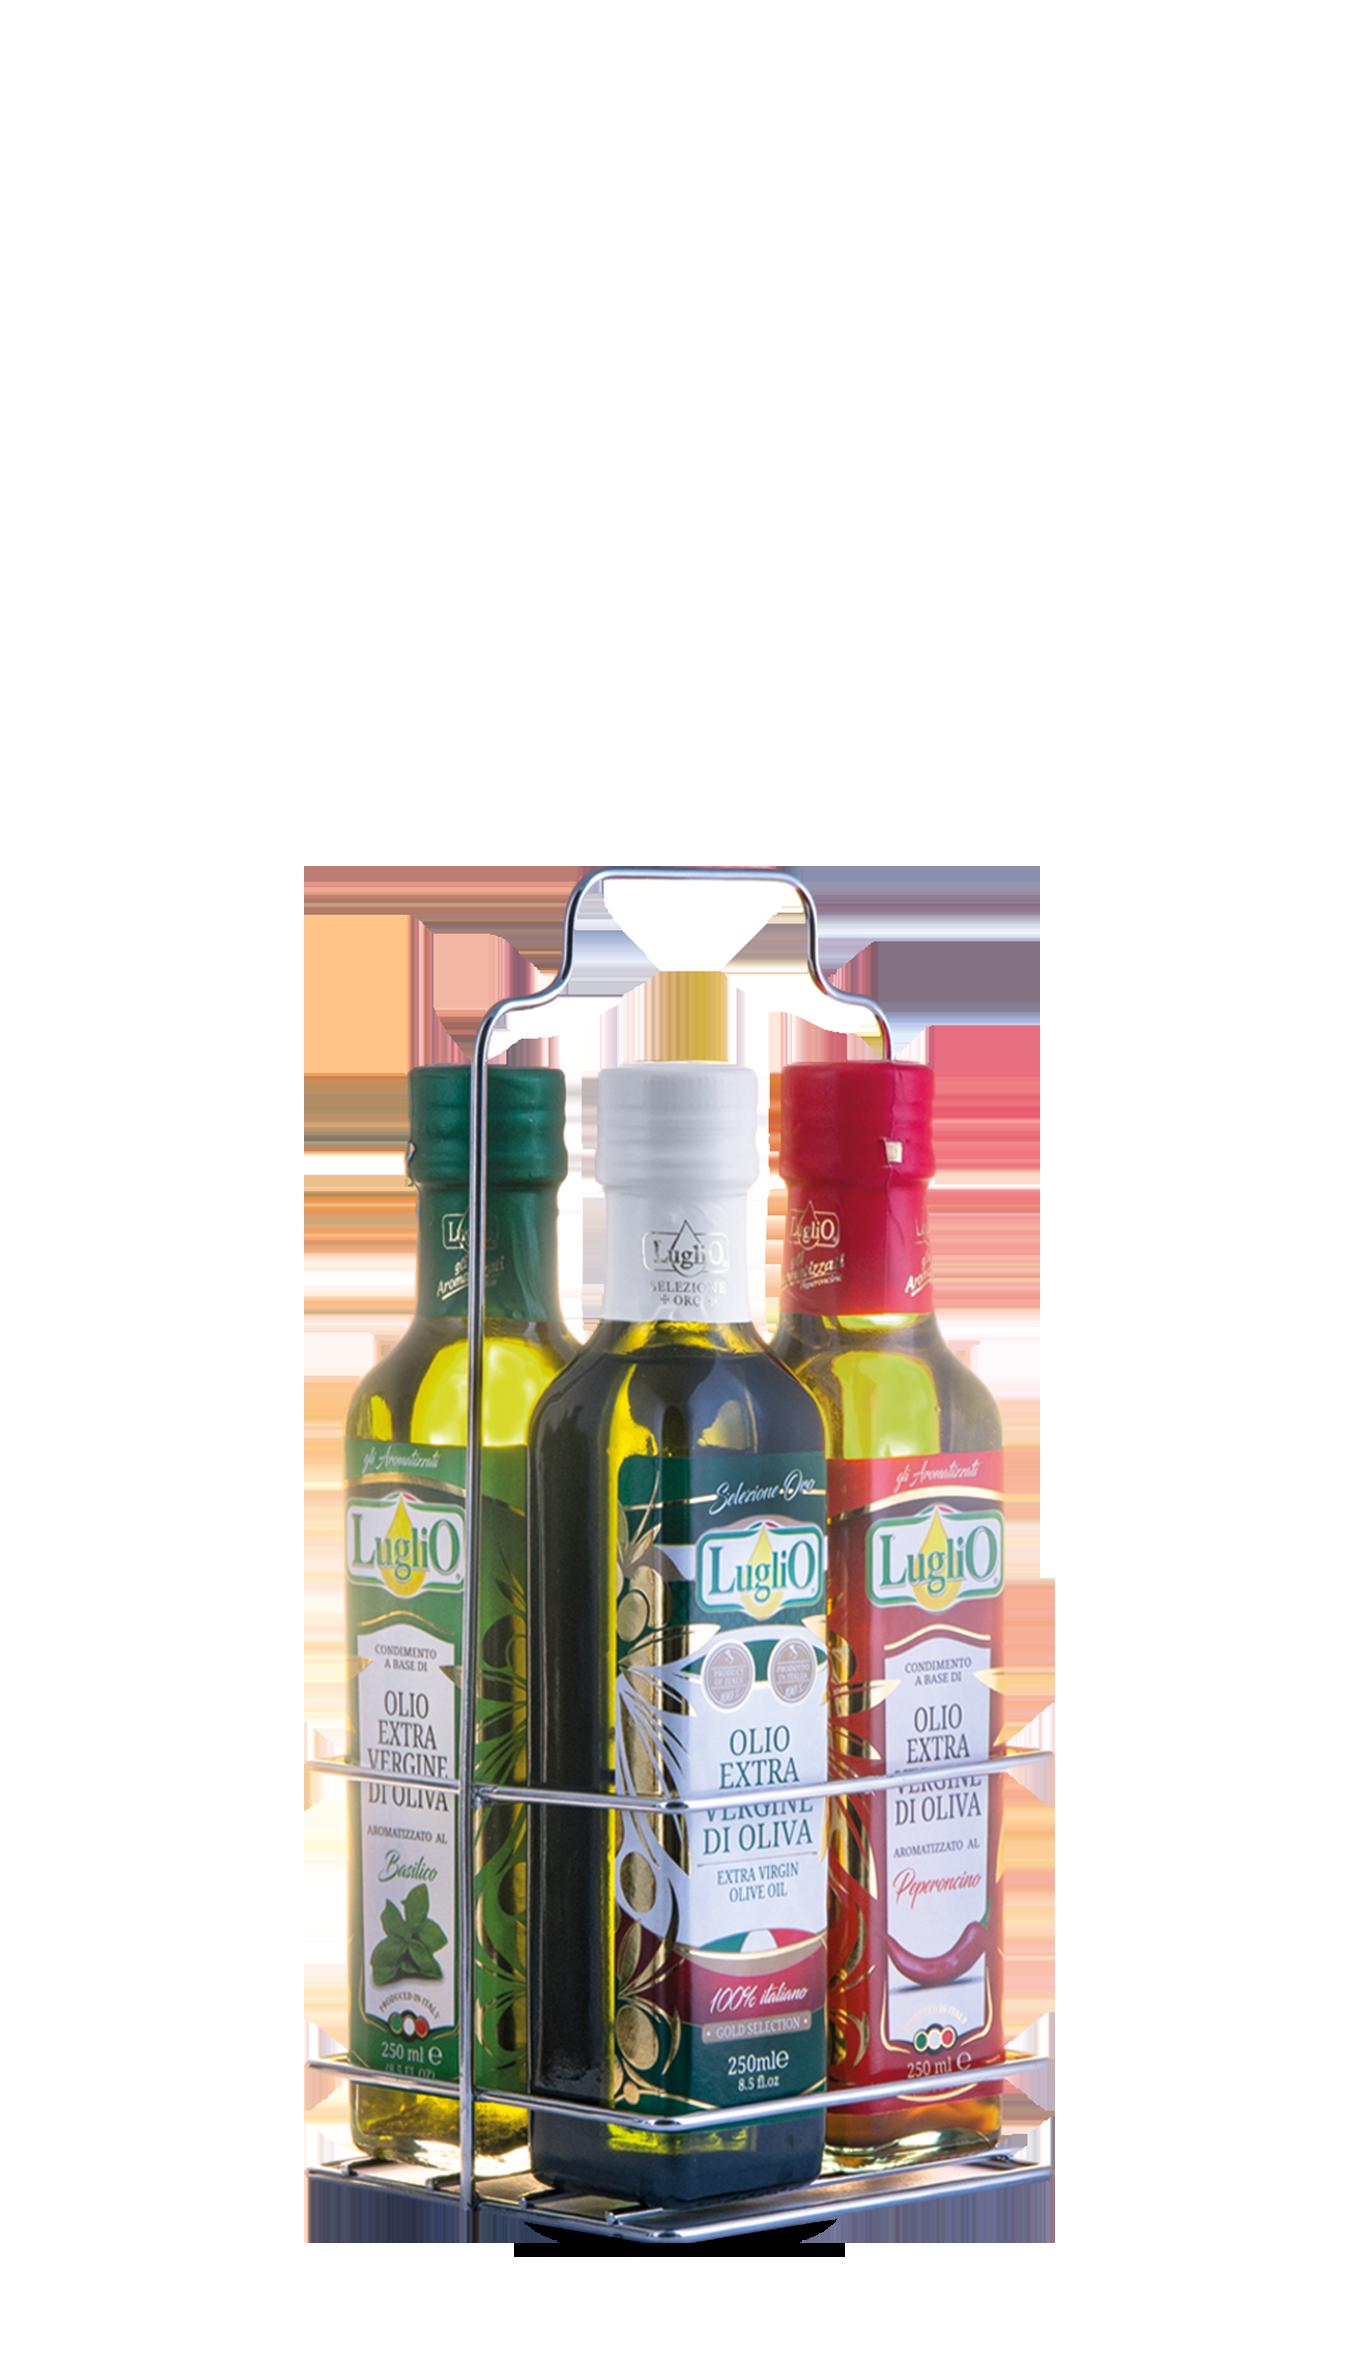 Olio Luglio aromatizzato blister 250ml